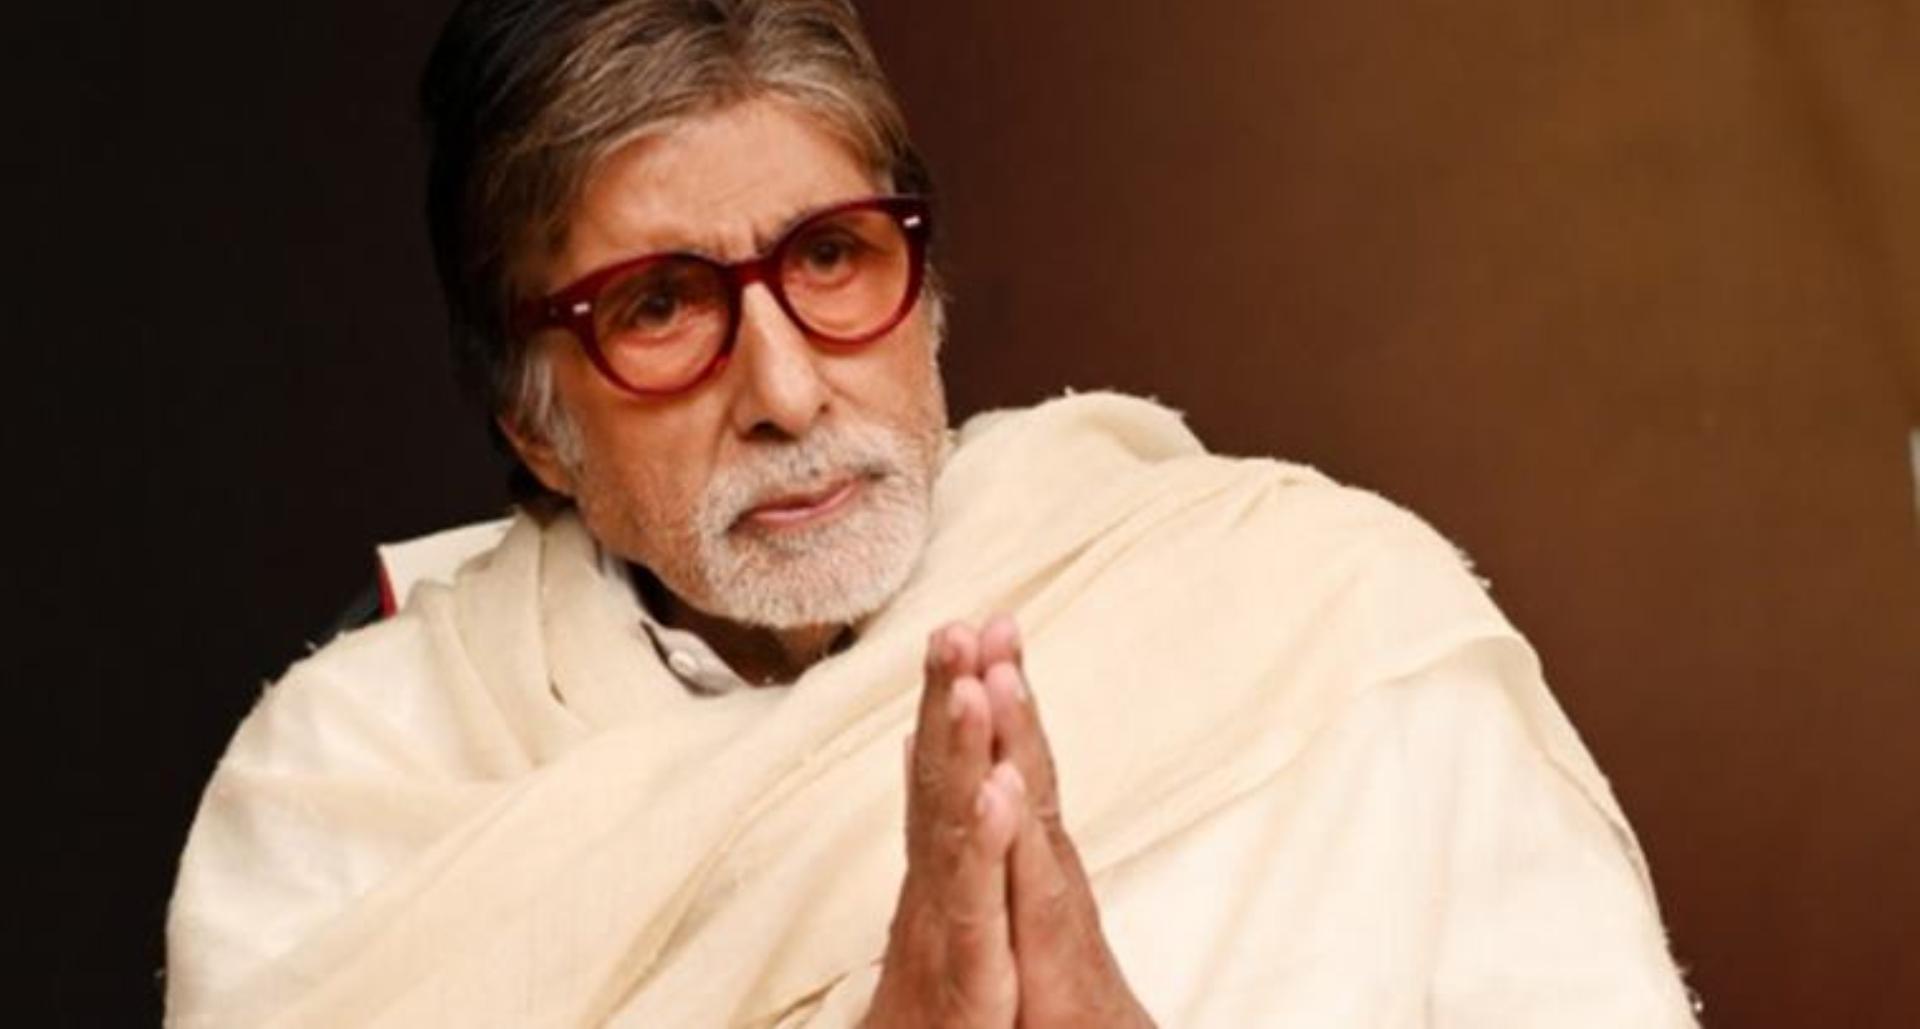 अमिताभ बच्चन आए कोरोनावायरस की चपेट में, मुंबई के नानावटी अस्पताल में हुए भर्ती!